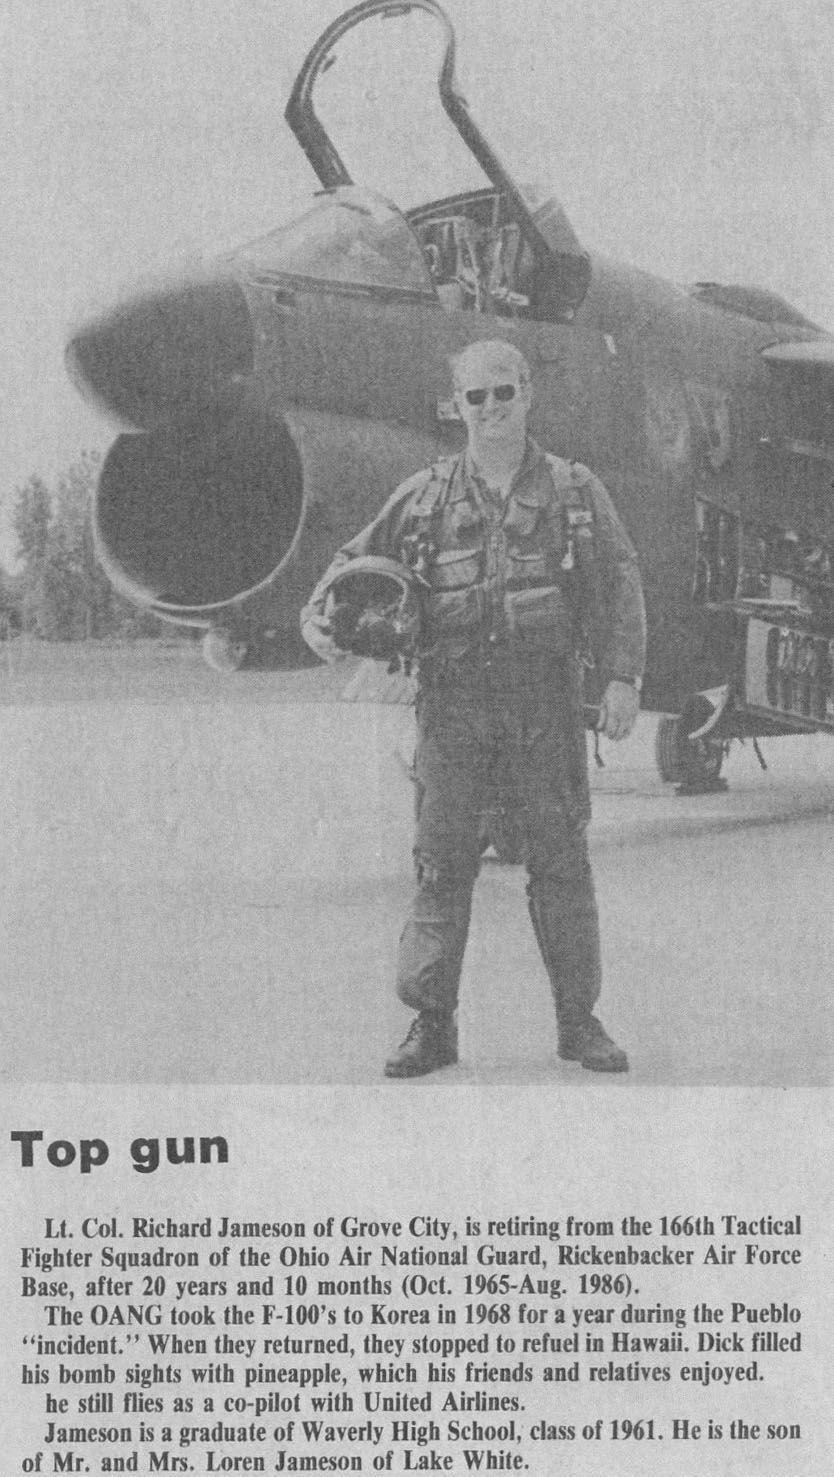 Top Gun AF guy